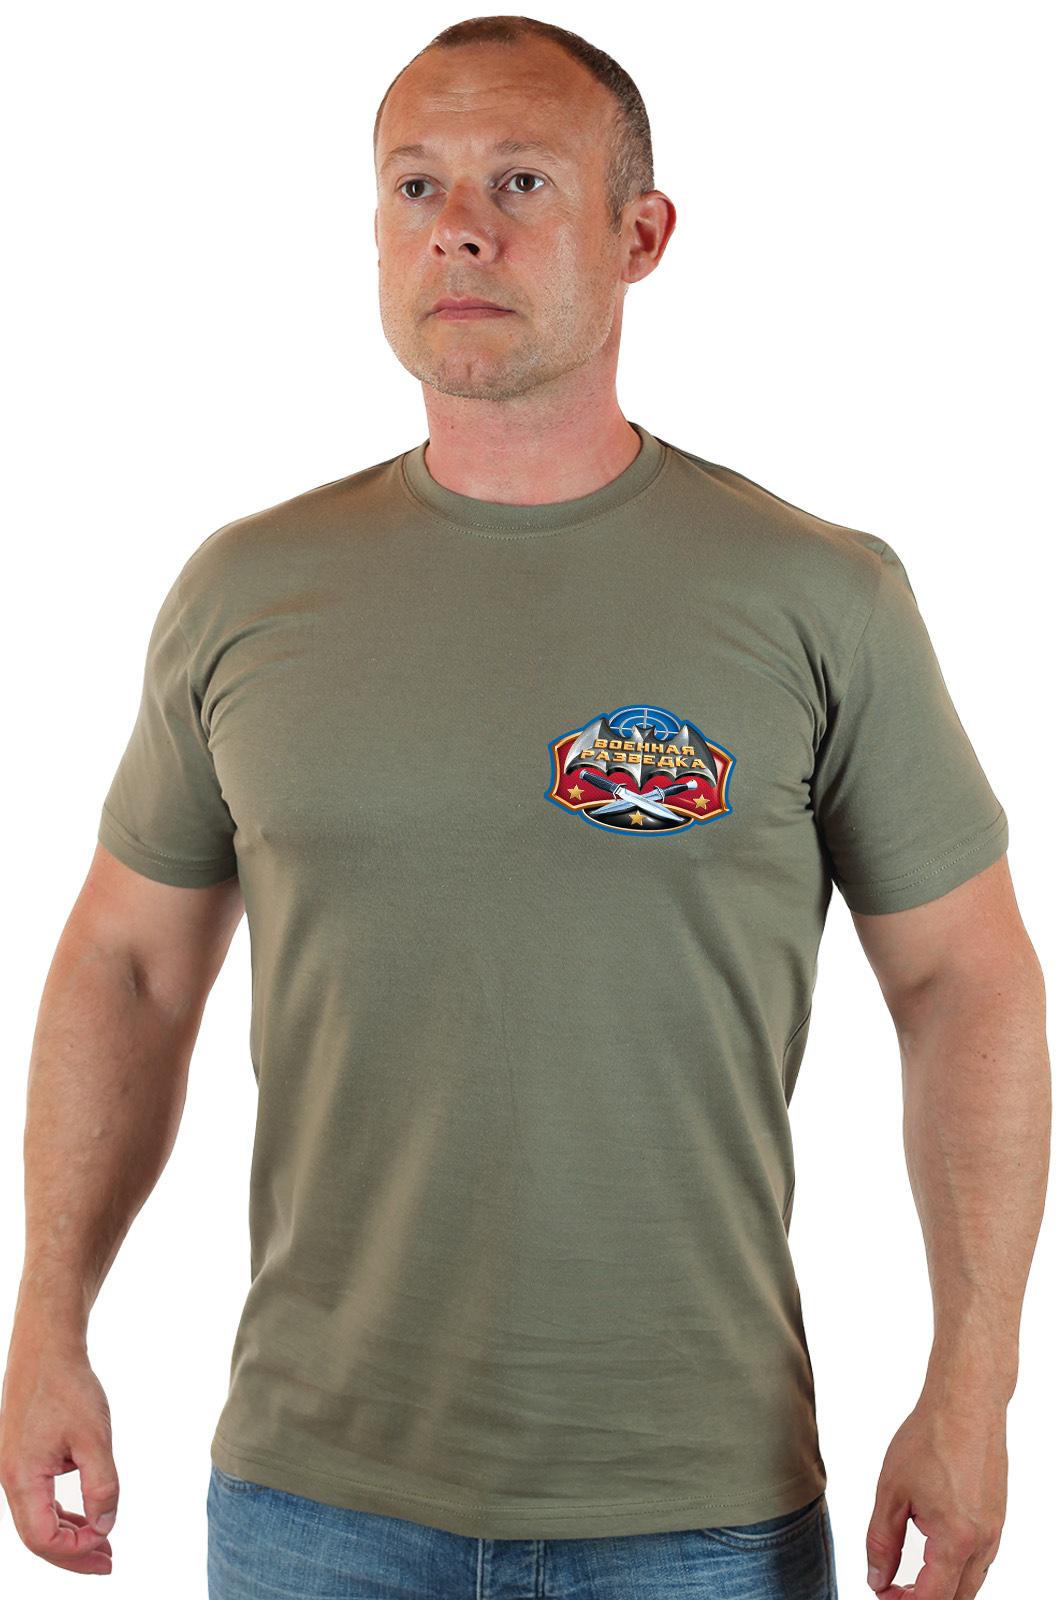 Заказать армейскую футболку разведчика по низкой цене